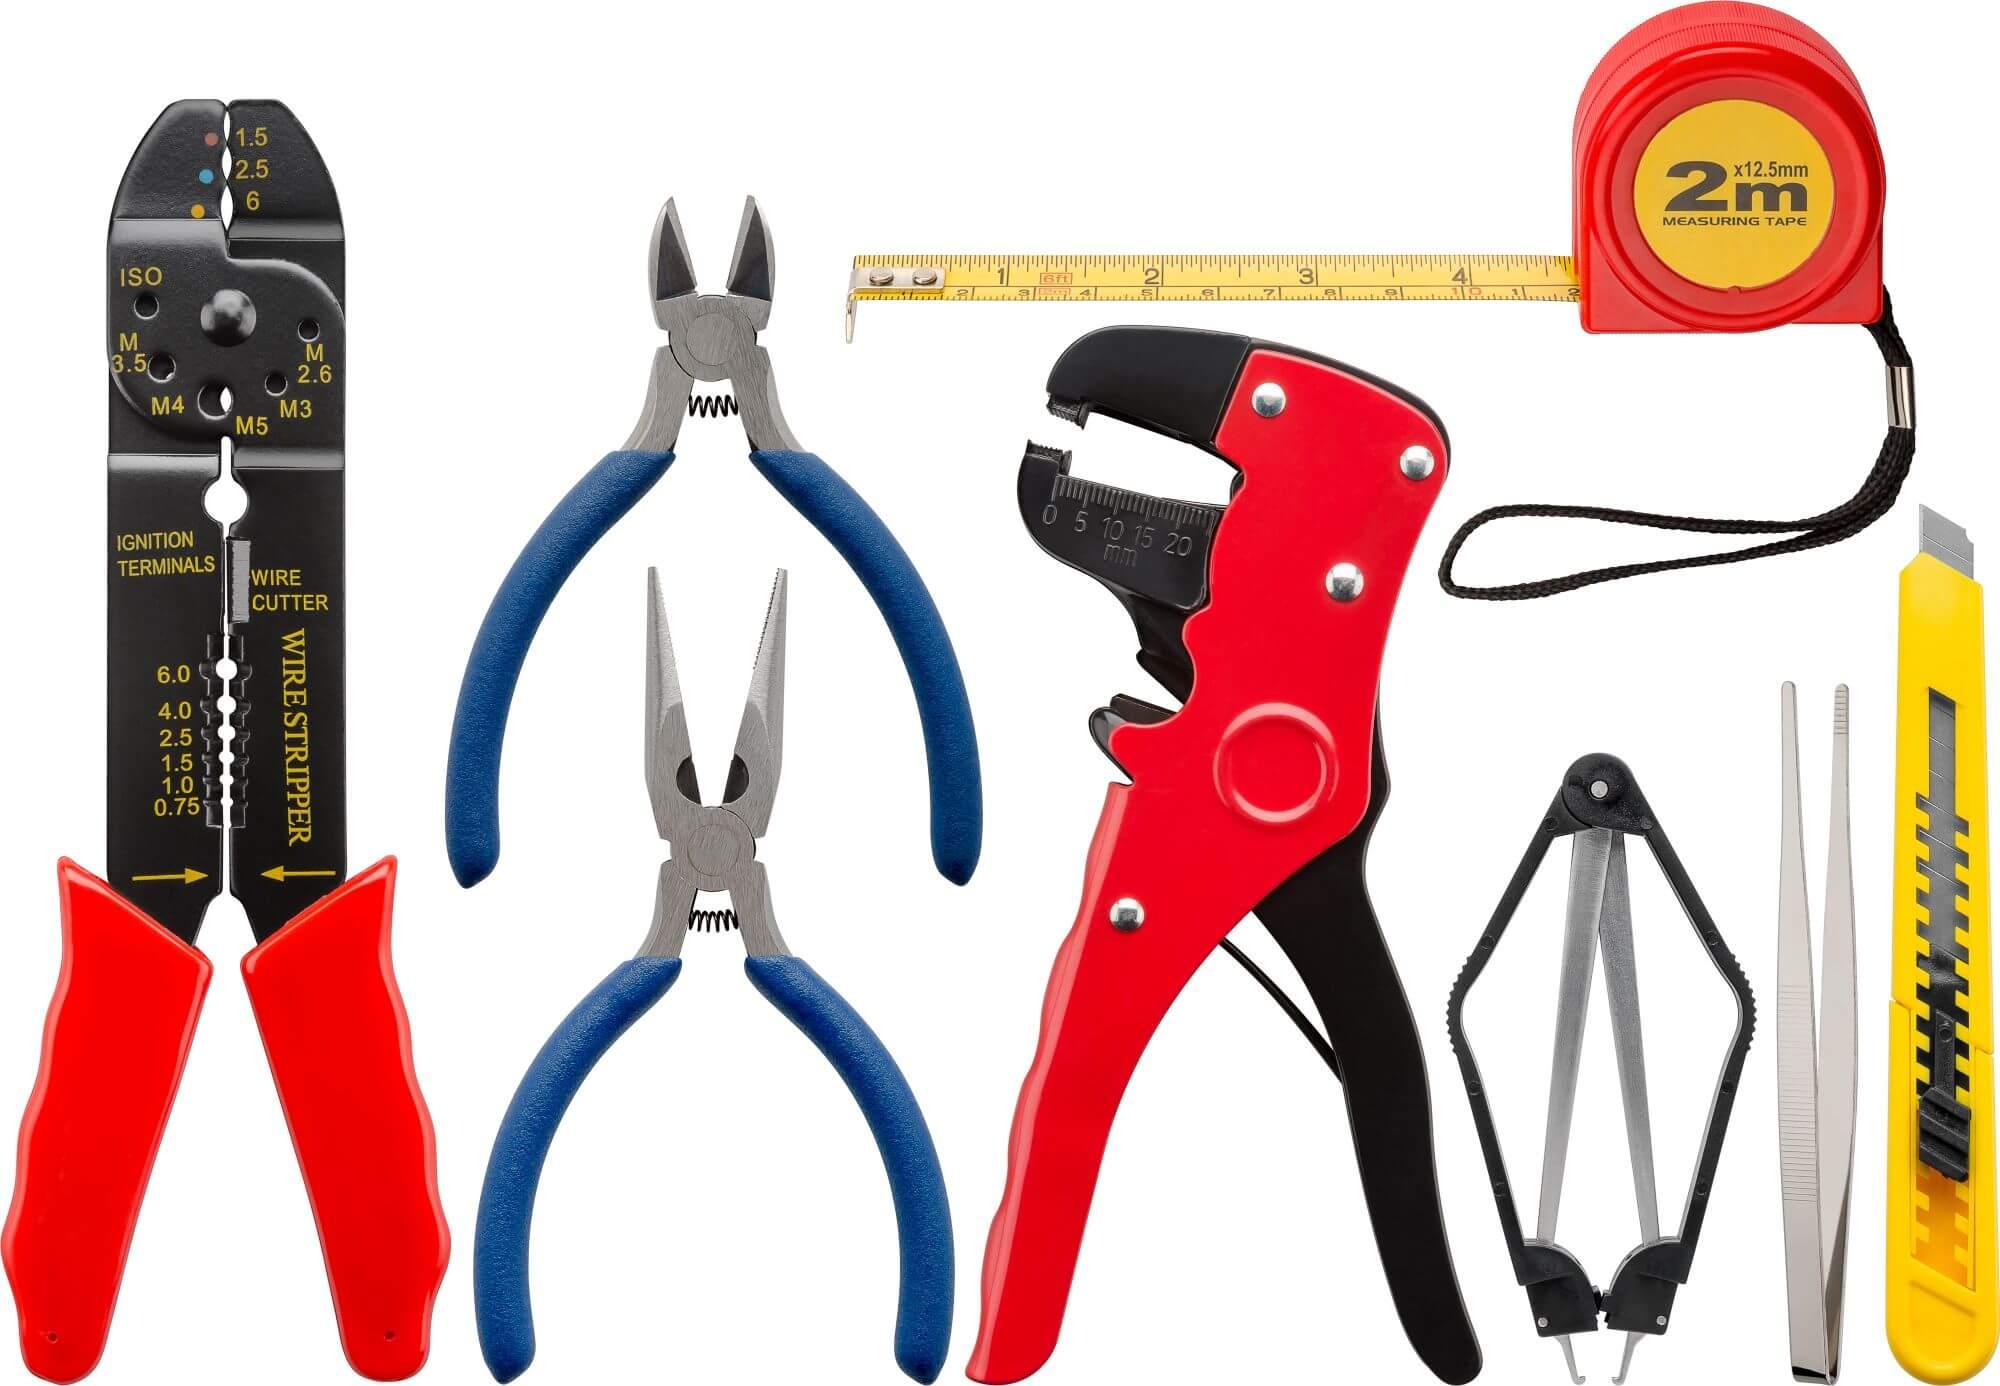 Værktøjssæt med 20 dele i praktisk etui. Tænger, skruetrækkere, loddekolbe og meget andet. Altid ved hånden.